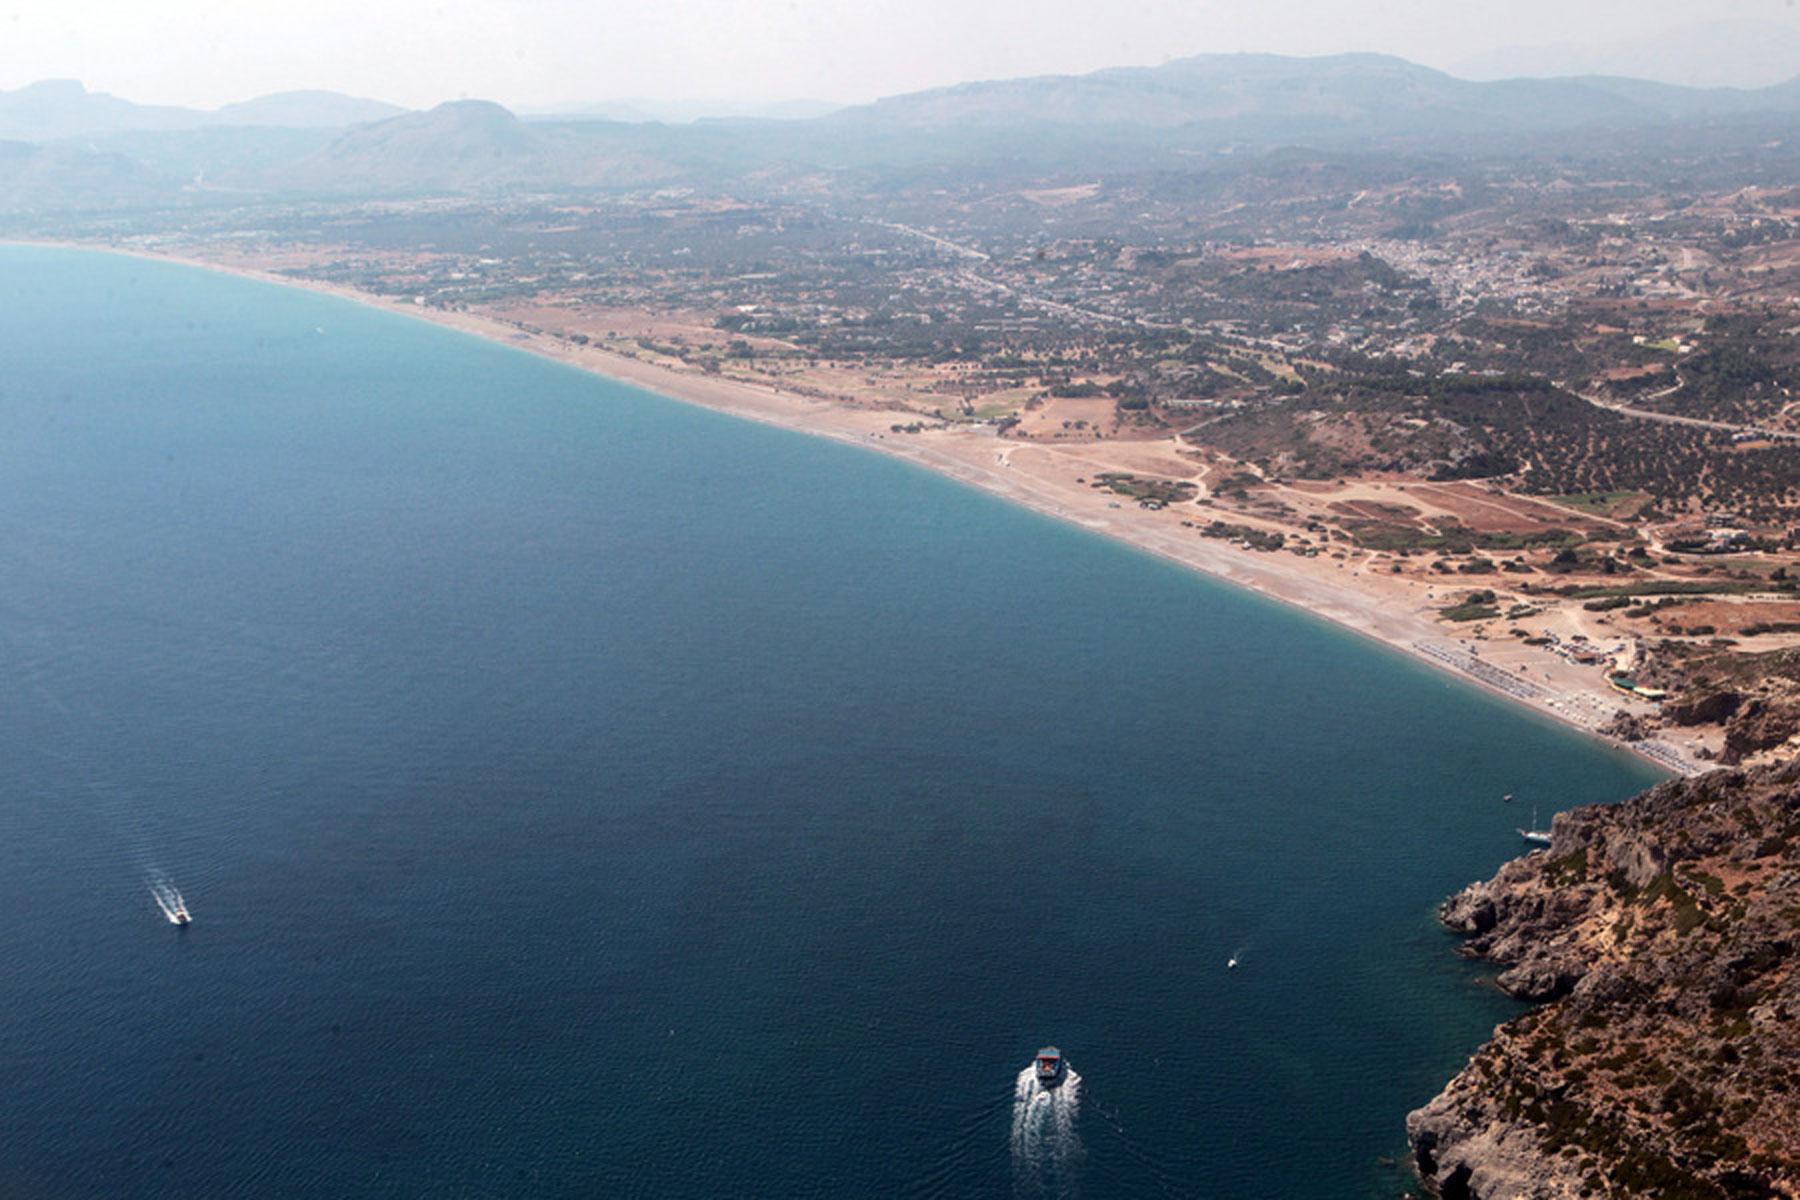 Επένδυση στη Ρόδο: «Πράσινο φως» για το τουριστικό project στην Αφάντου – Τι σχεδιάζουν οι επενδυτές